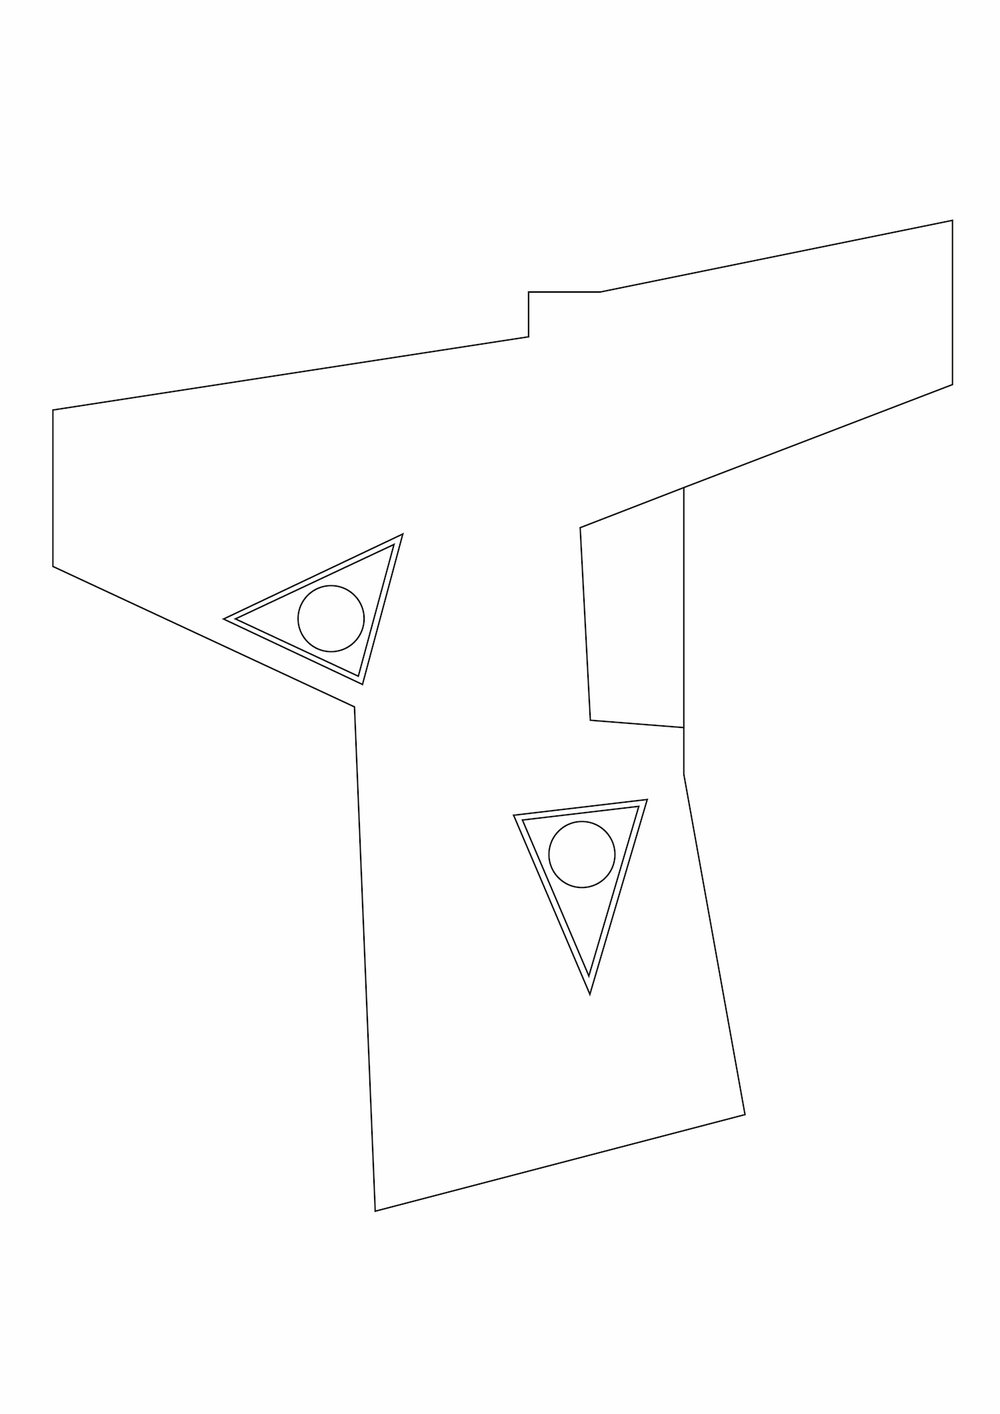 7_Zeichenfläche 1.jpg